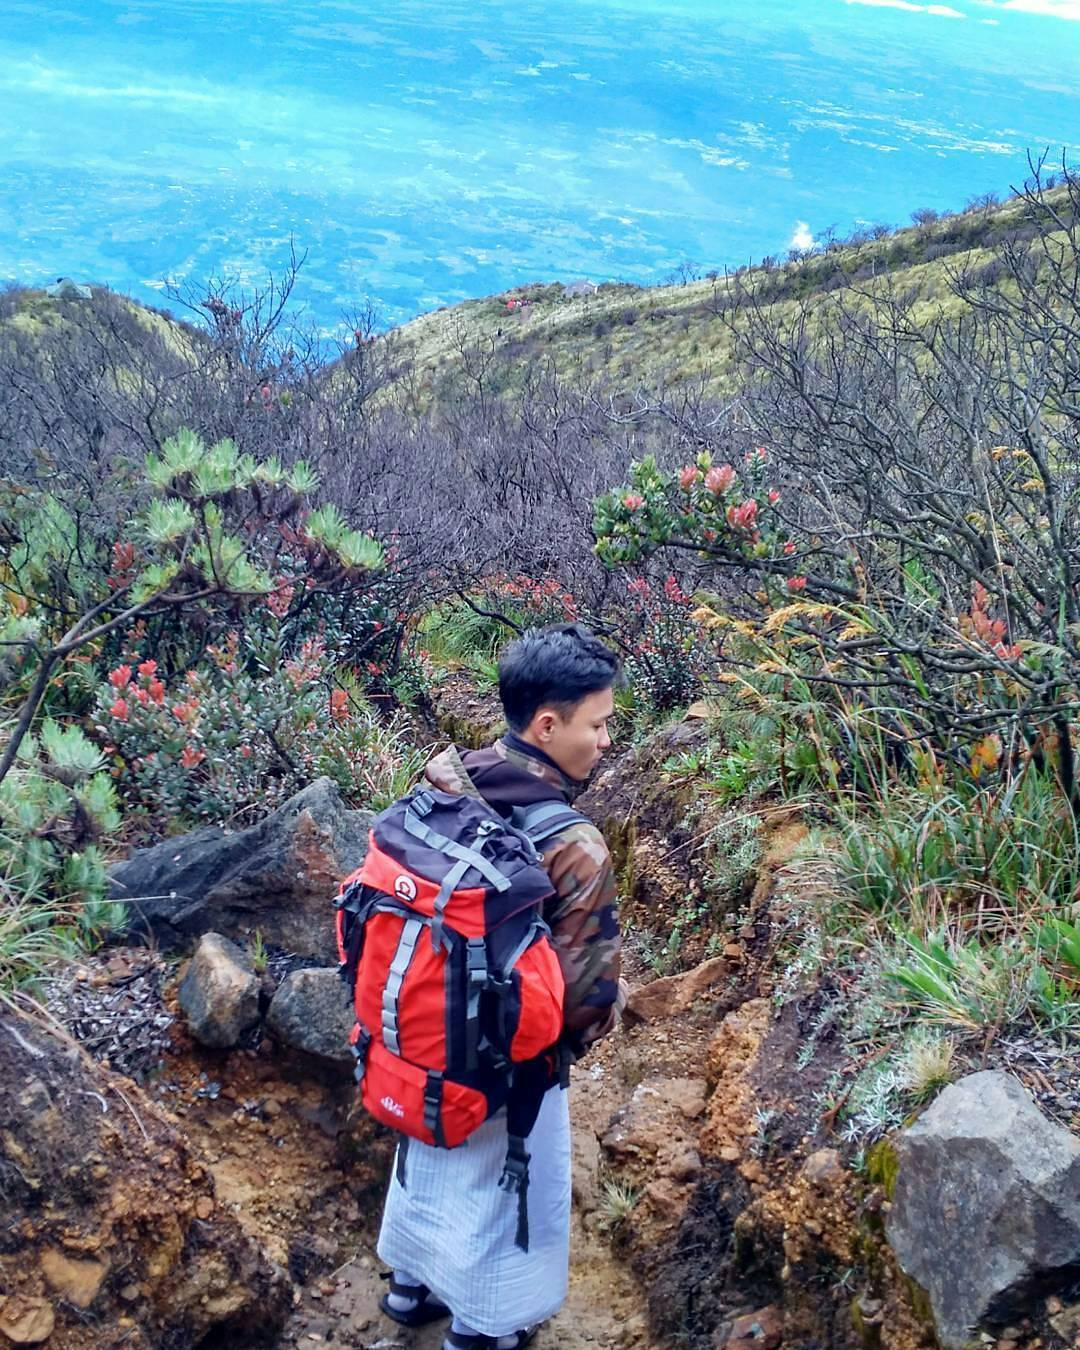 24 Tempat Wisata Karanganyar Hits Travel Story Hal Menarik Tentang